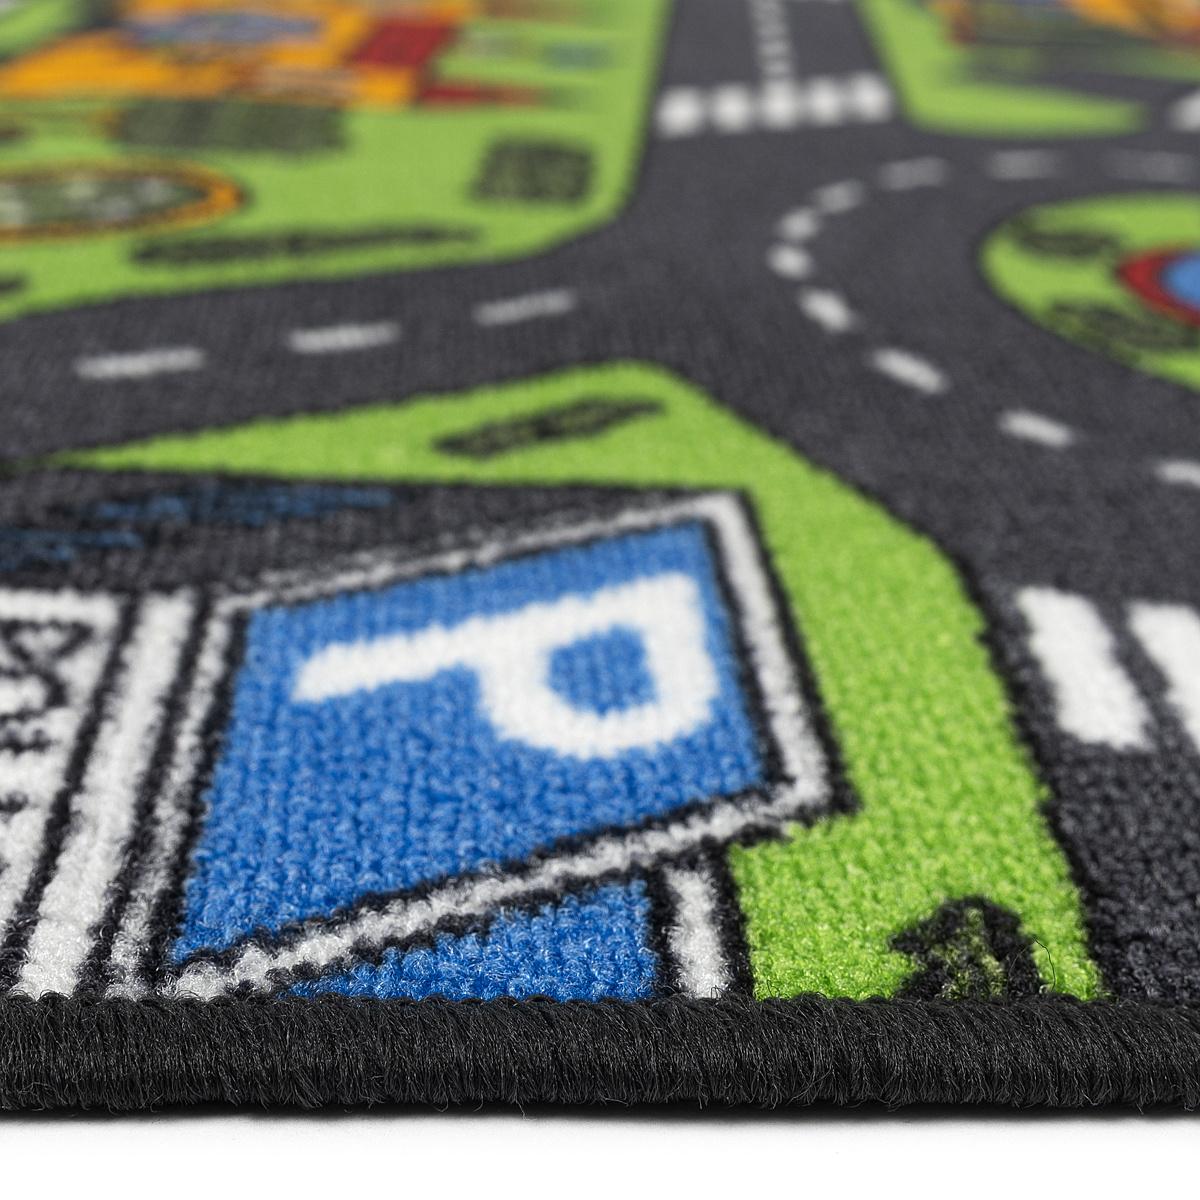 Produktové foto Vopi Dětský koberec City life, 95 x 200 cm